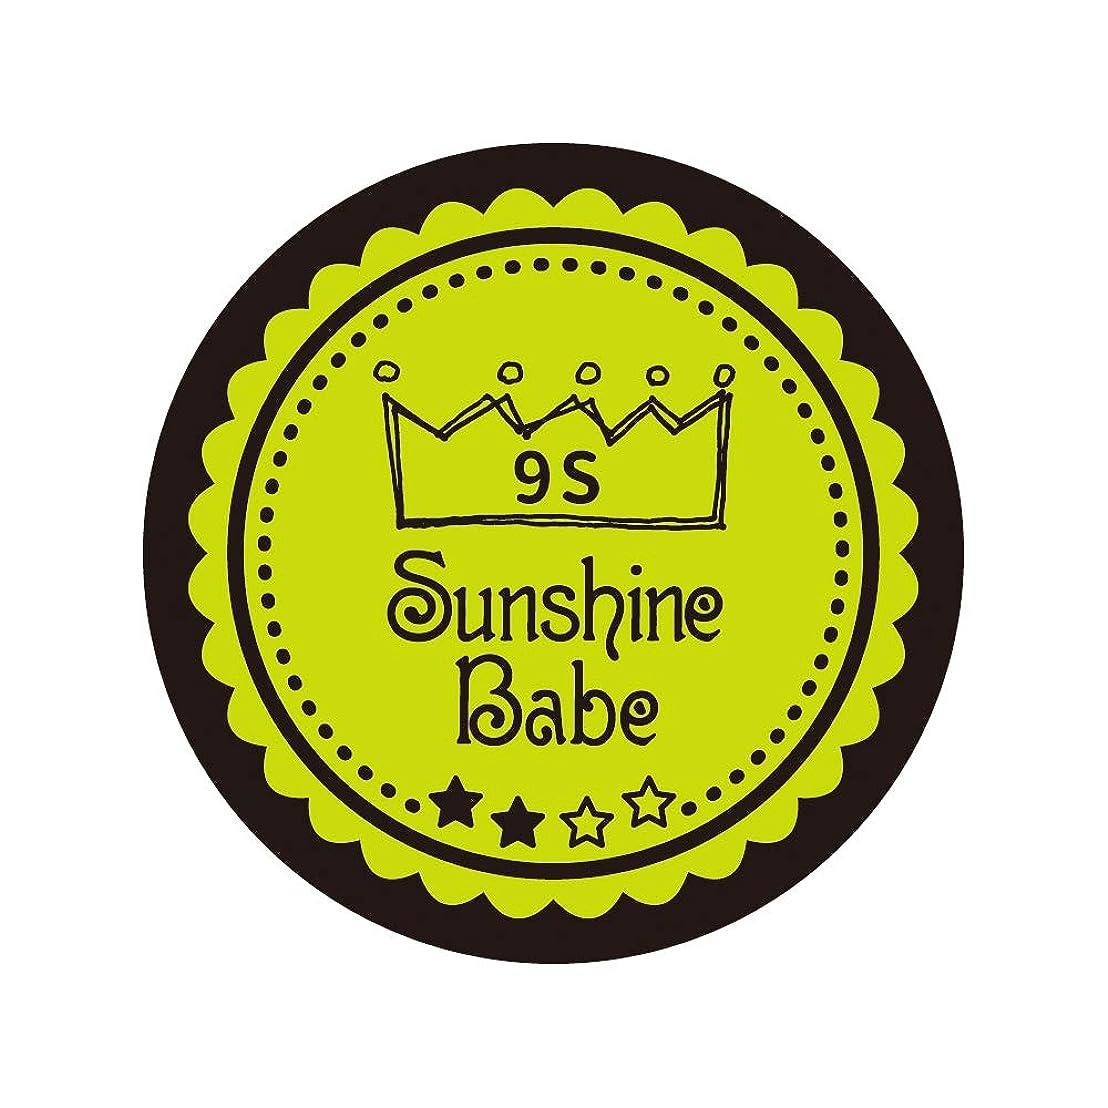 締めるケントマイルストーンSunshine Babe カラージェル 9S ライムパンチ 2.7g UV/LED対応